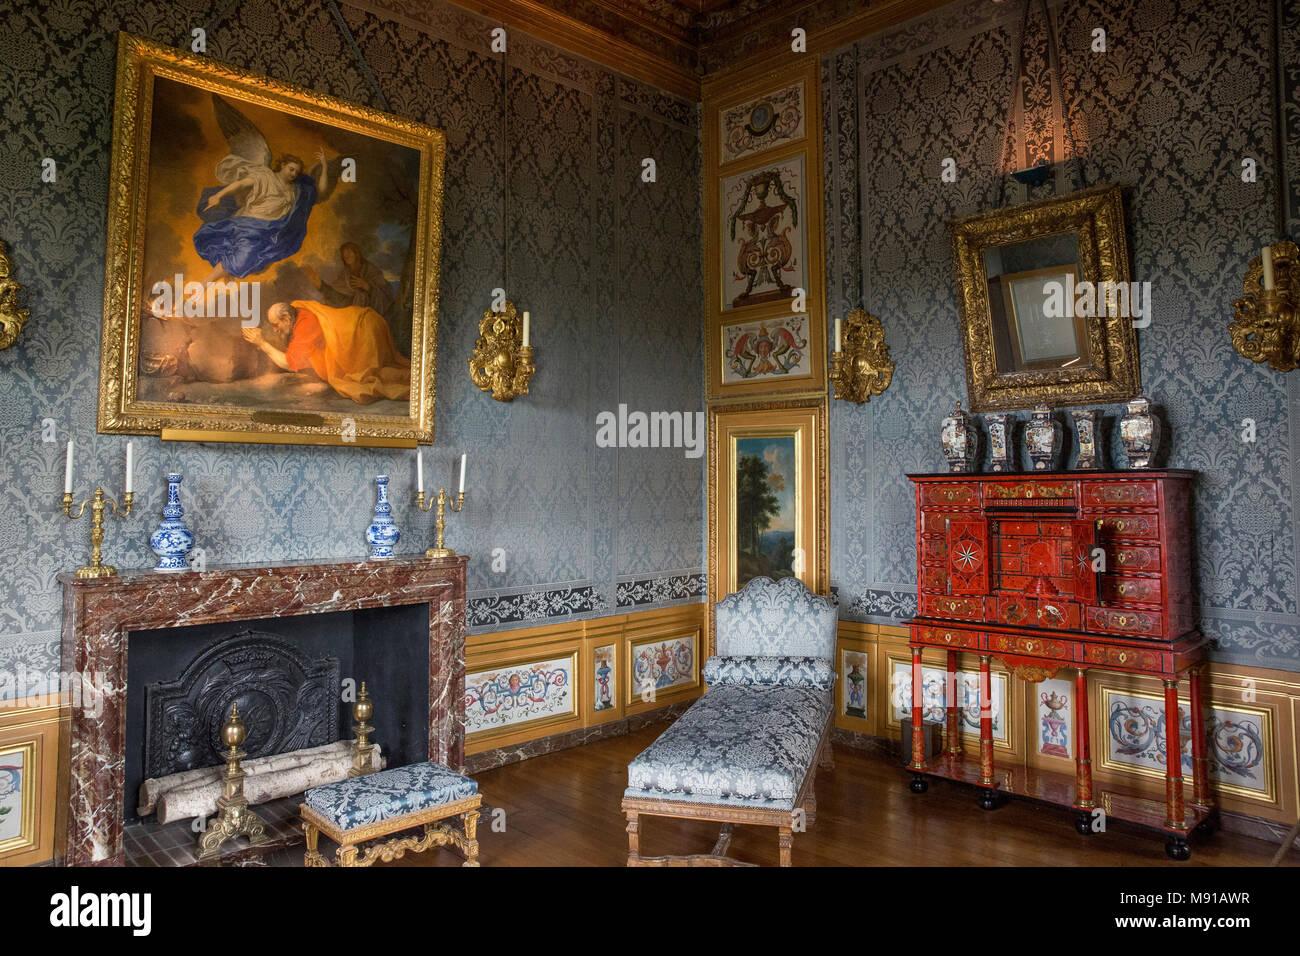 Vaux-le-Vicomte Castle. Frau Fouquet's Zimmer. Frankreich. Stockbild